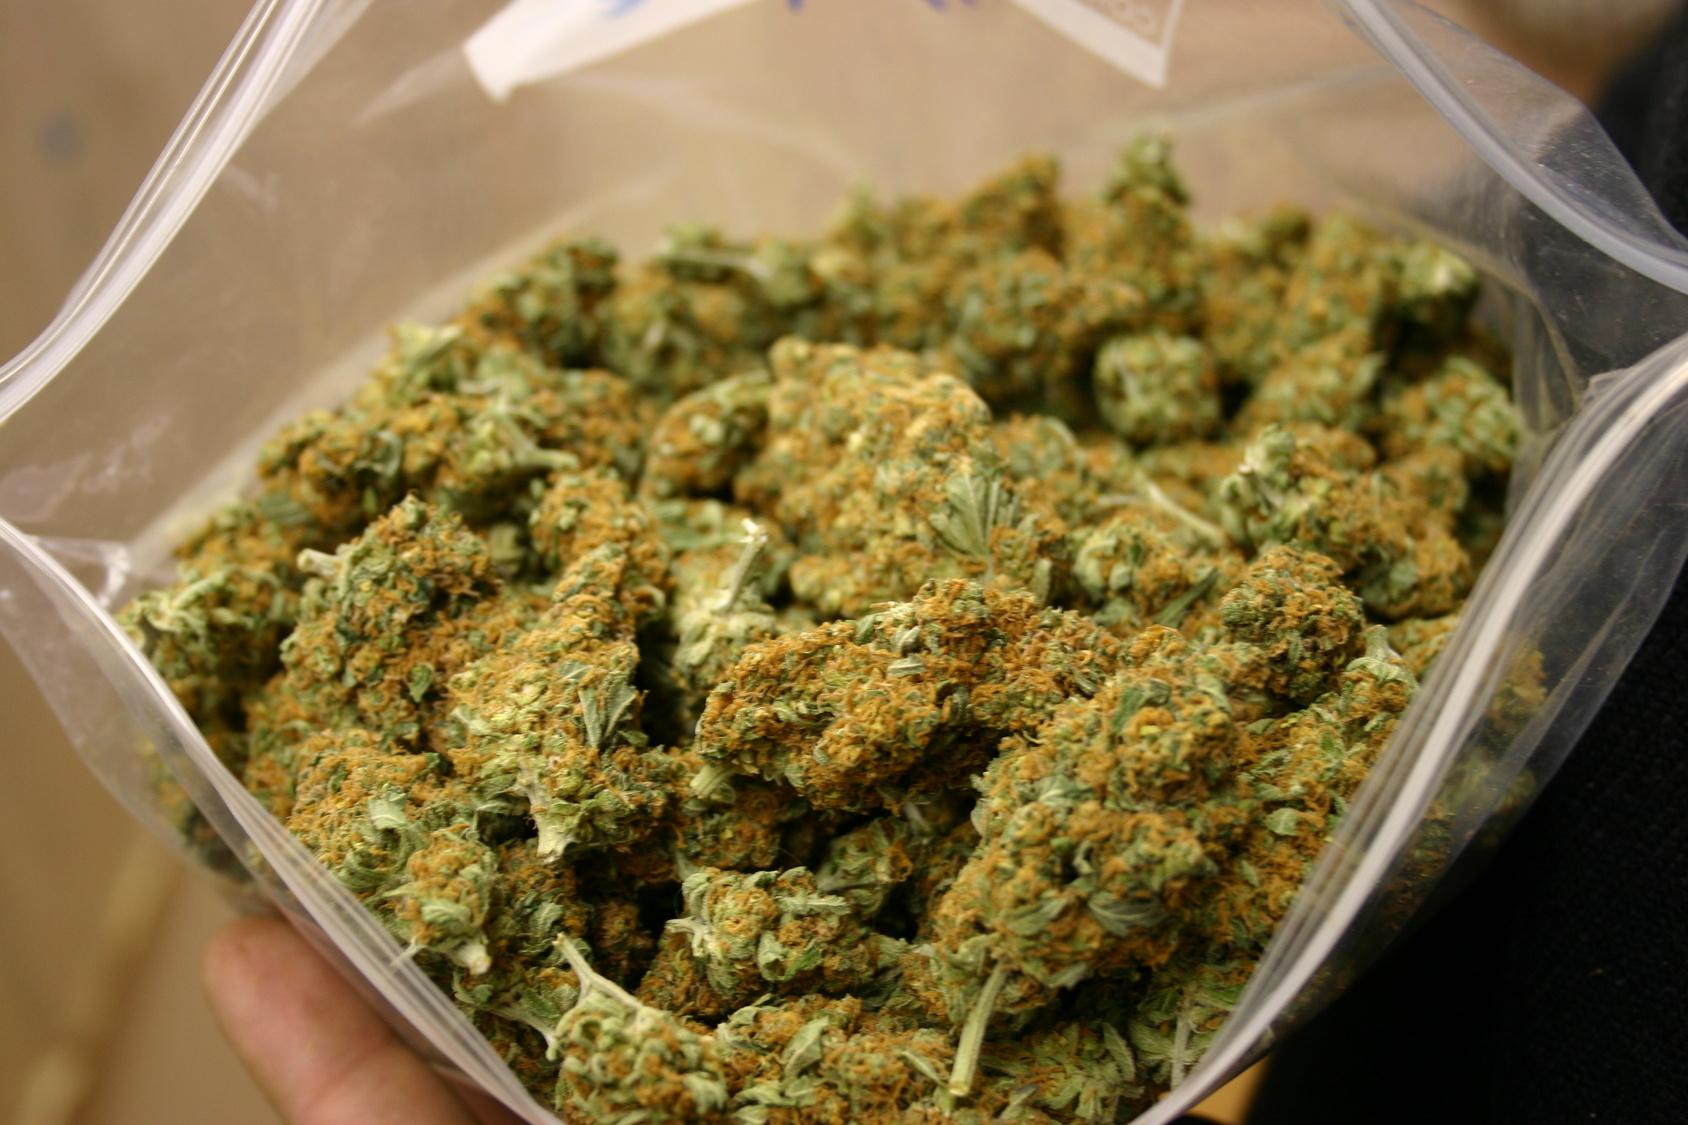 Drug bust in Augusta Township - My Prescott Now